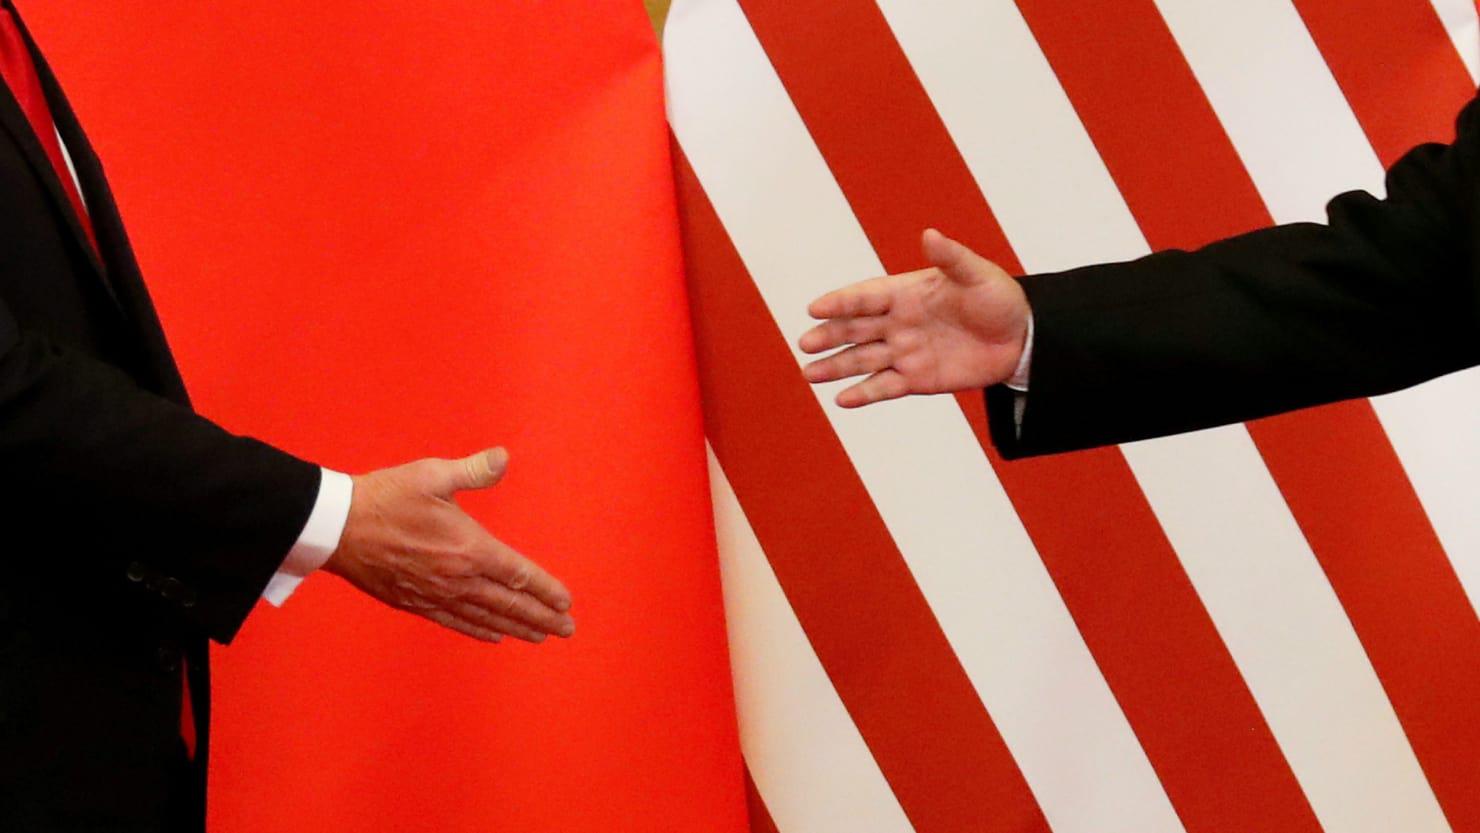 Comércio | Diálogo impossível enquanto EUA tiverem faca encostada ao pescoço